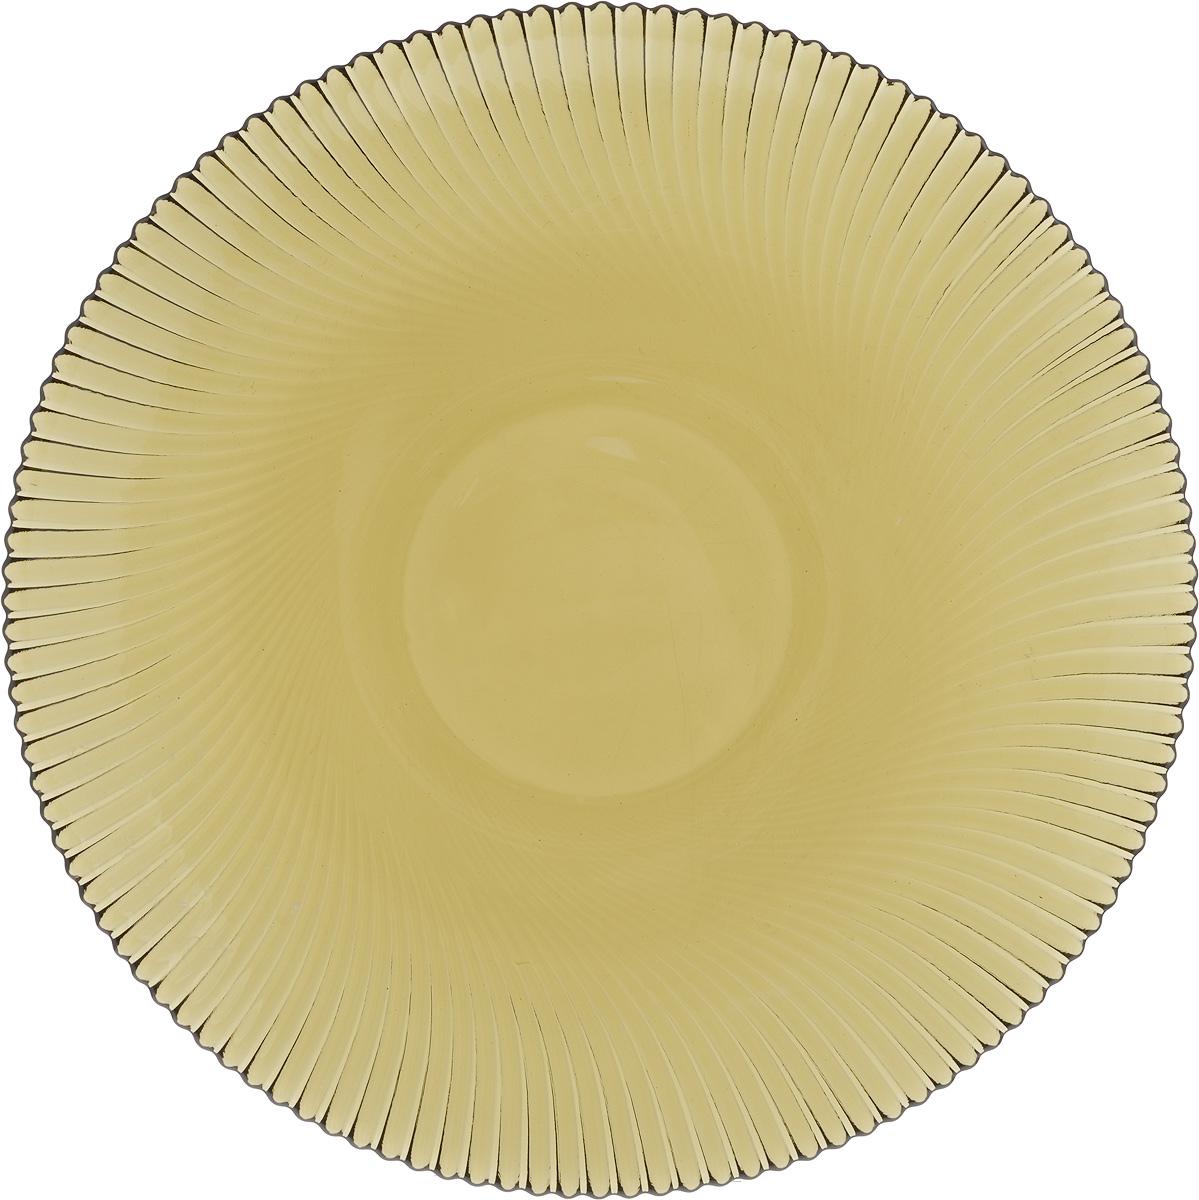 Тарелка NiNaGlass Альтера, цвет: дымчатый, диаметр 26 см115510Тарелка NiNaGlass Альтера выполнена из высококачественного стекла и оформлена красивым рельефным узором. Тарелка идеальна для подачи вторых блюд, а также сервировки закусок, нарезок, десертов и многого другого. Она отлично подойдет как для повседневных, так и для торжественных случаев.Такая тарелка прекрасно впишется в интерьер вашей кухни и станет достойным дополнением к кухонному инвентарю.